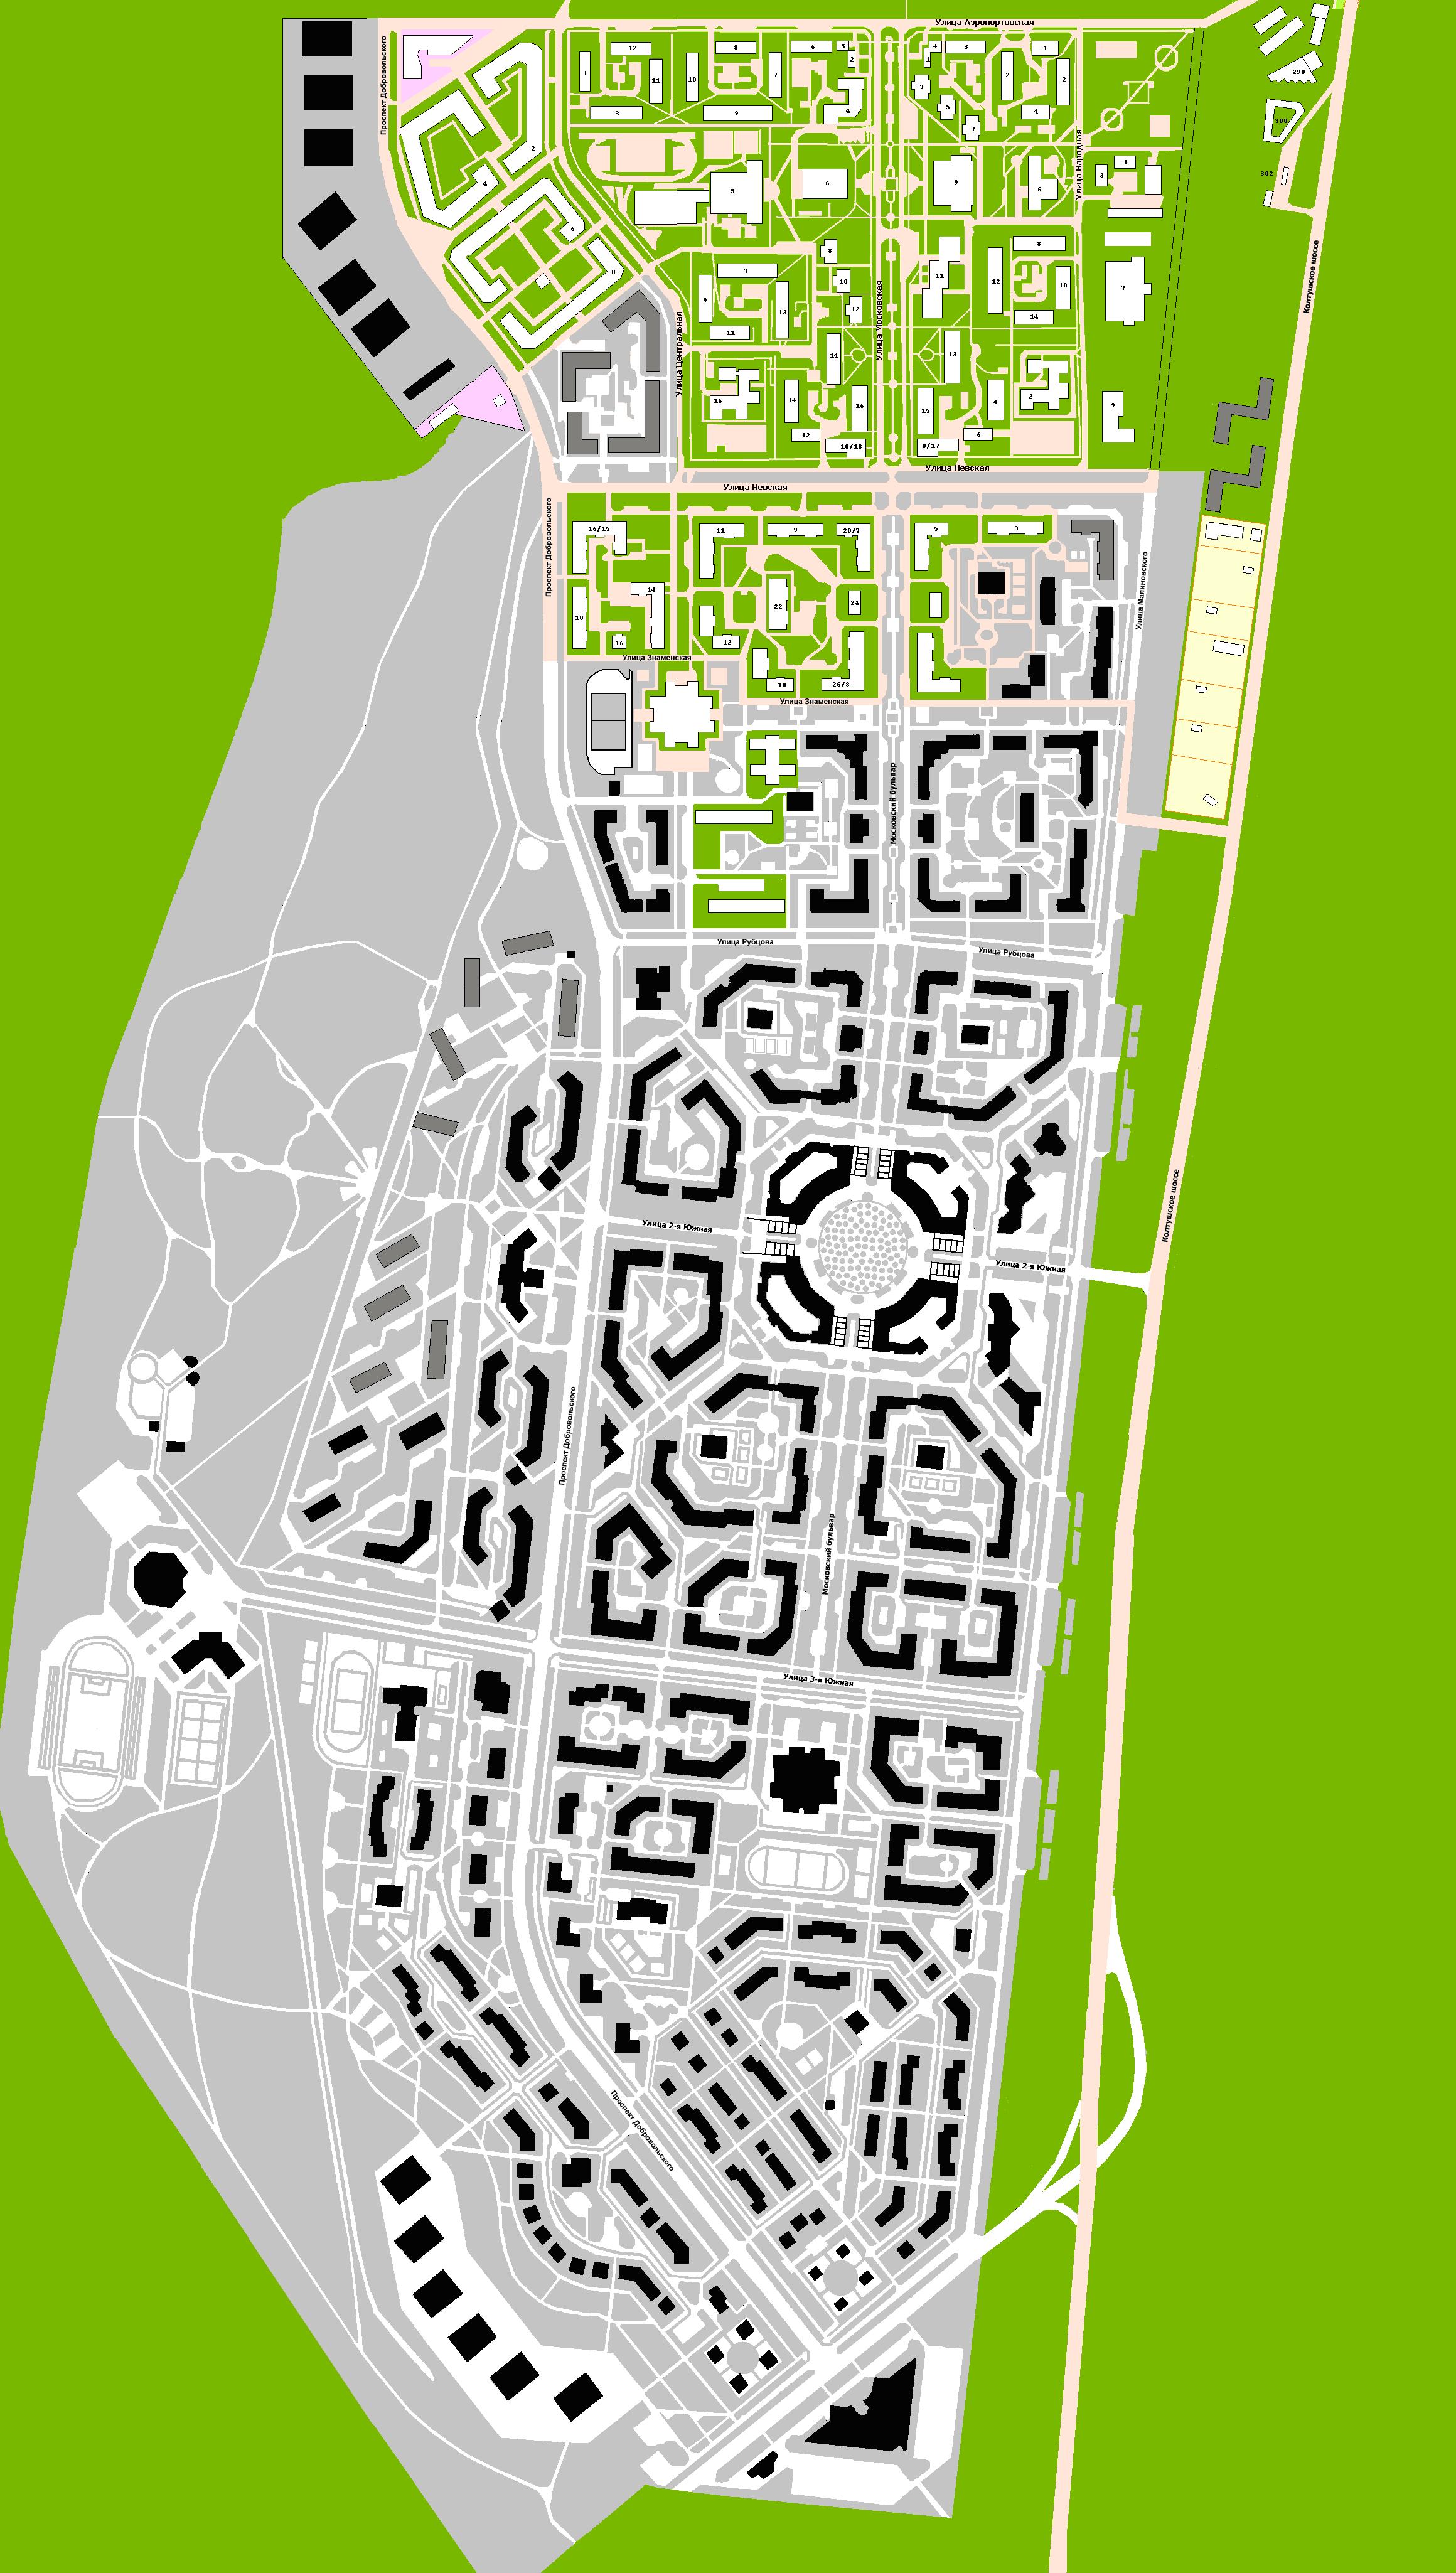 Всеволожск - информация о городе и районе.  Карты Всеволожска и Всеволожского района.